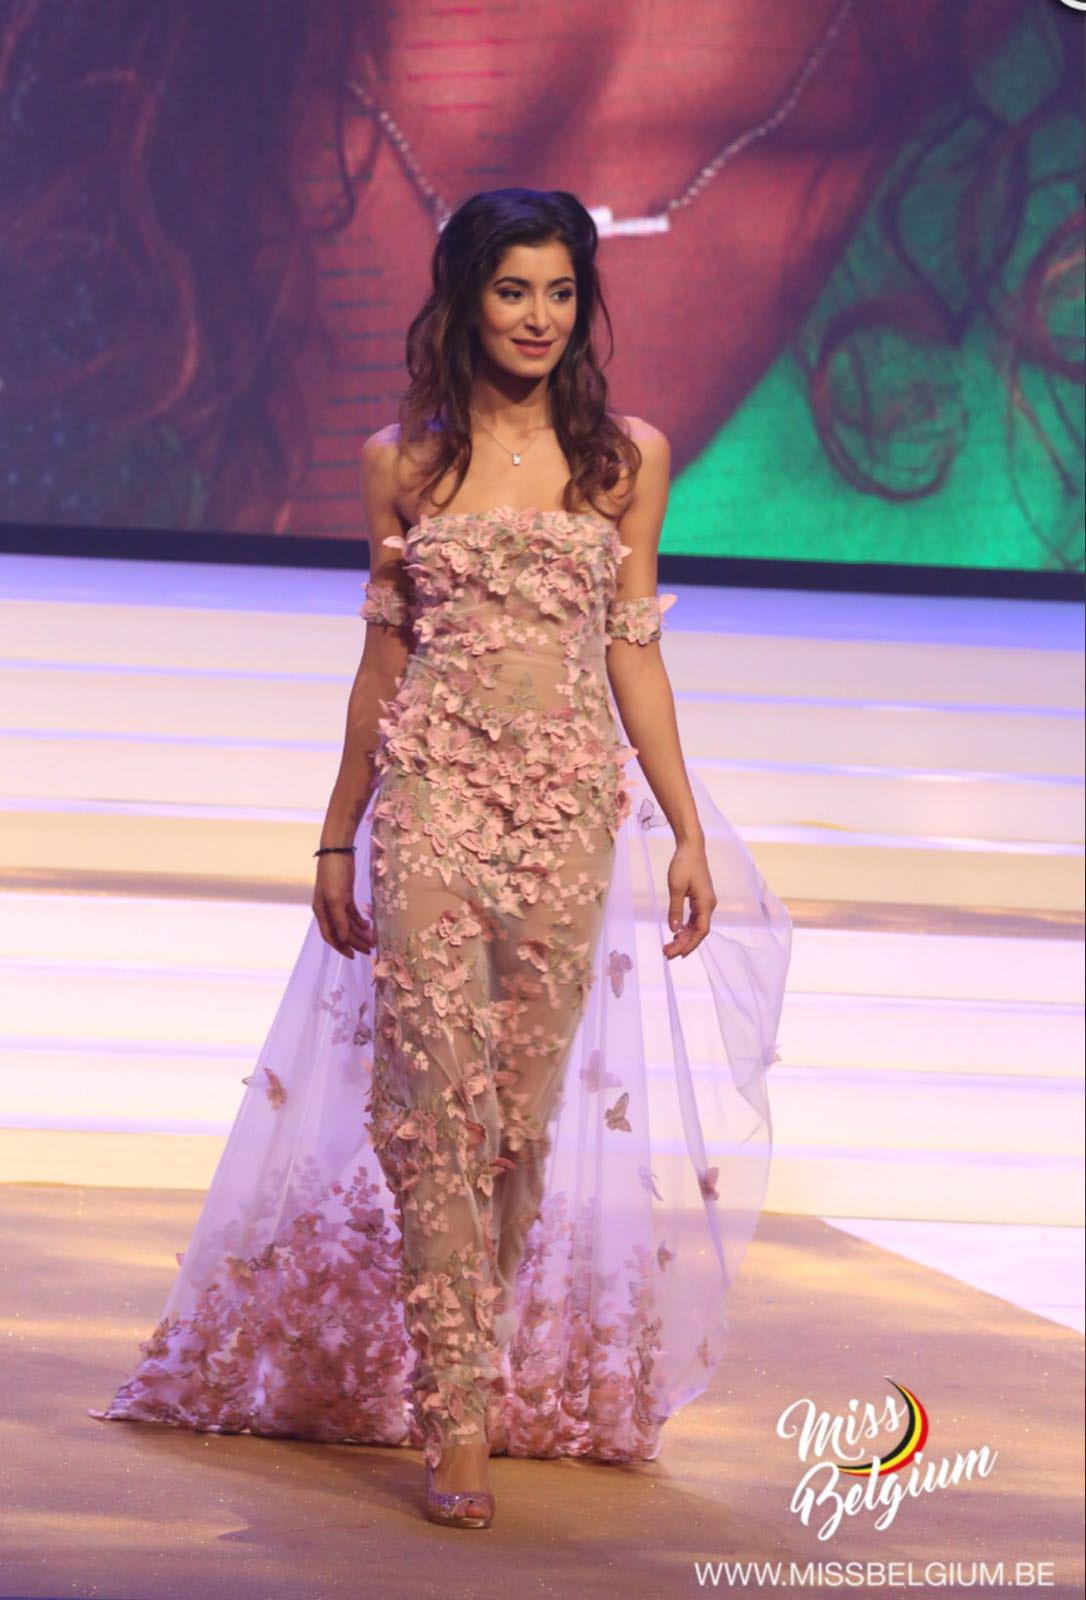 Kostuum ontwerp voor Shakila, Miss België 2017, lopend